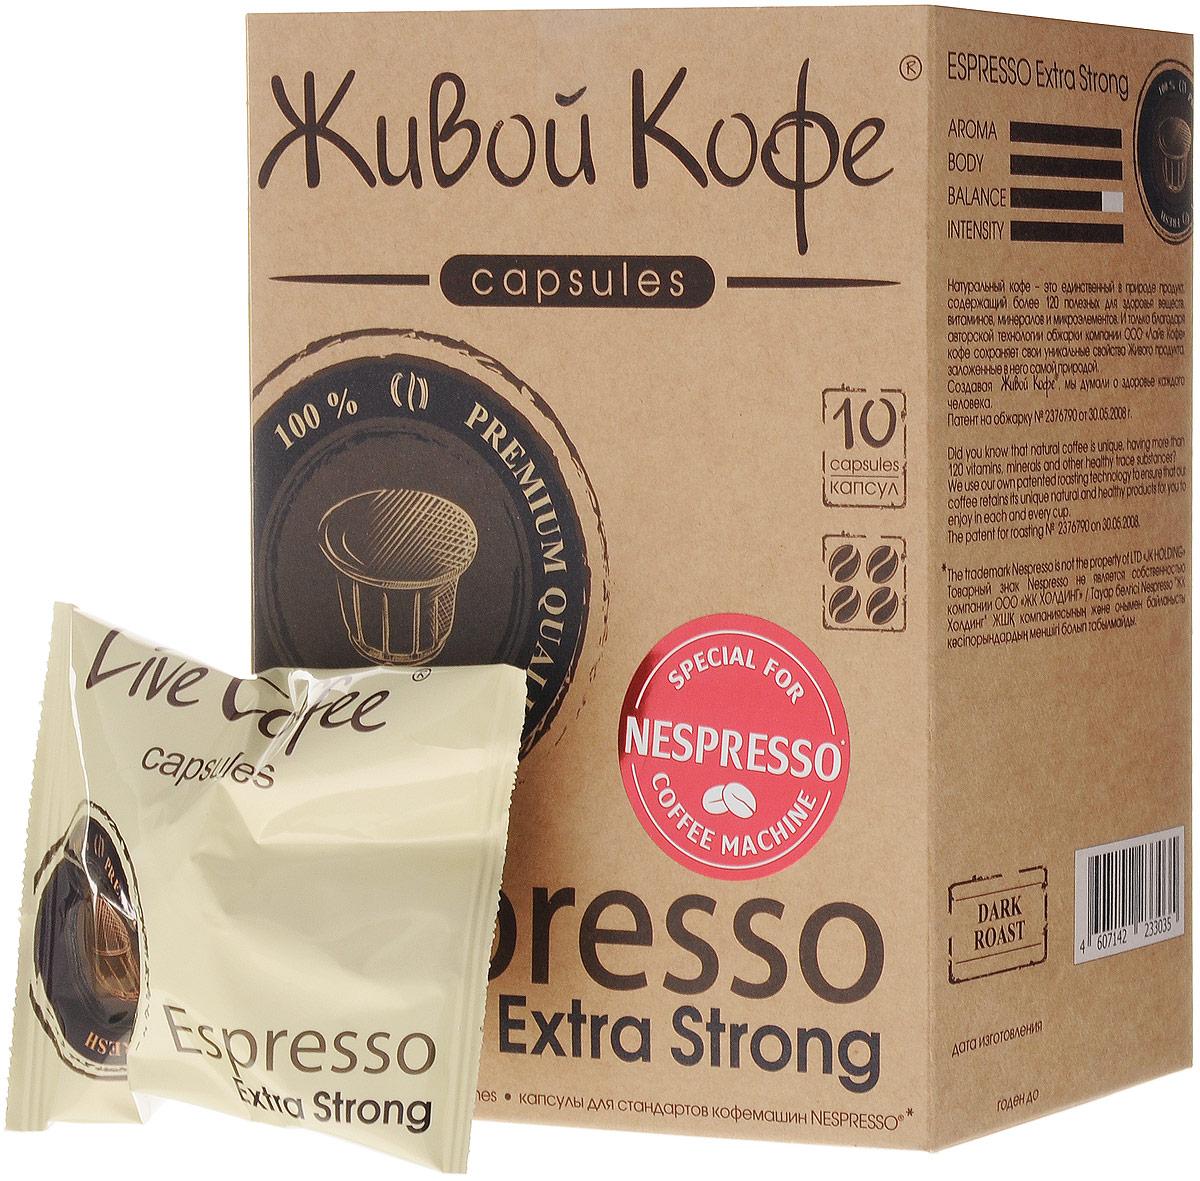 Живой Кофе Espresso Extra Strong кофе в капсулах (индивидуальная упаковка), 10 шт